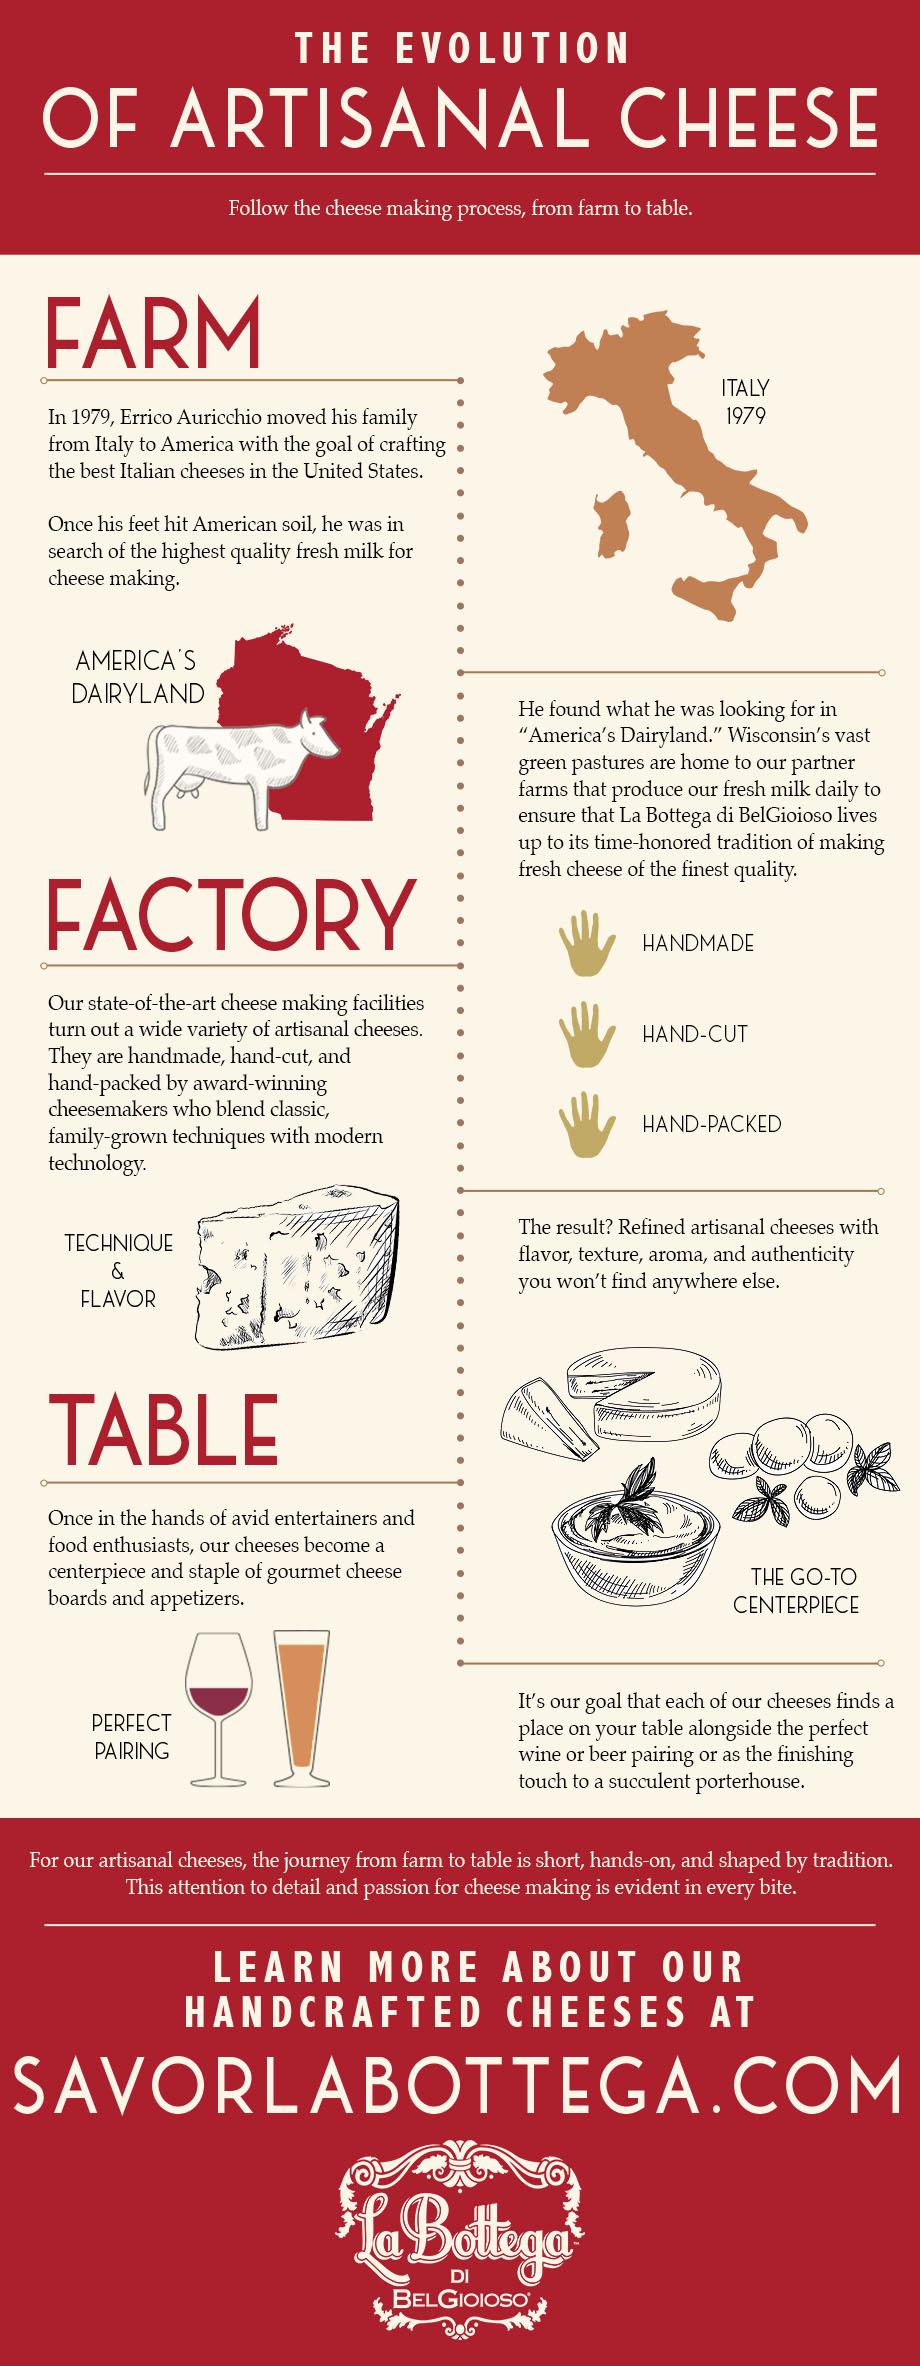 the-evolution-of-artisanal-cheese.jpg